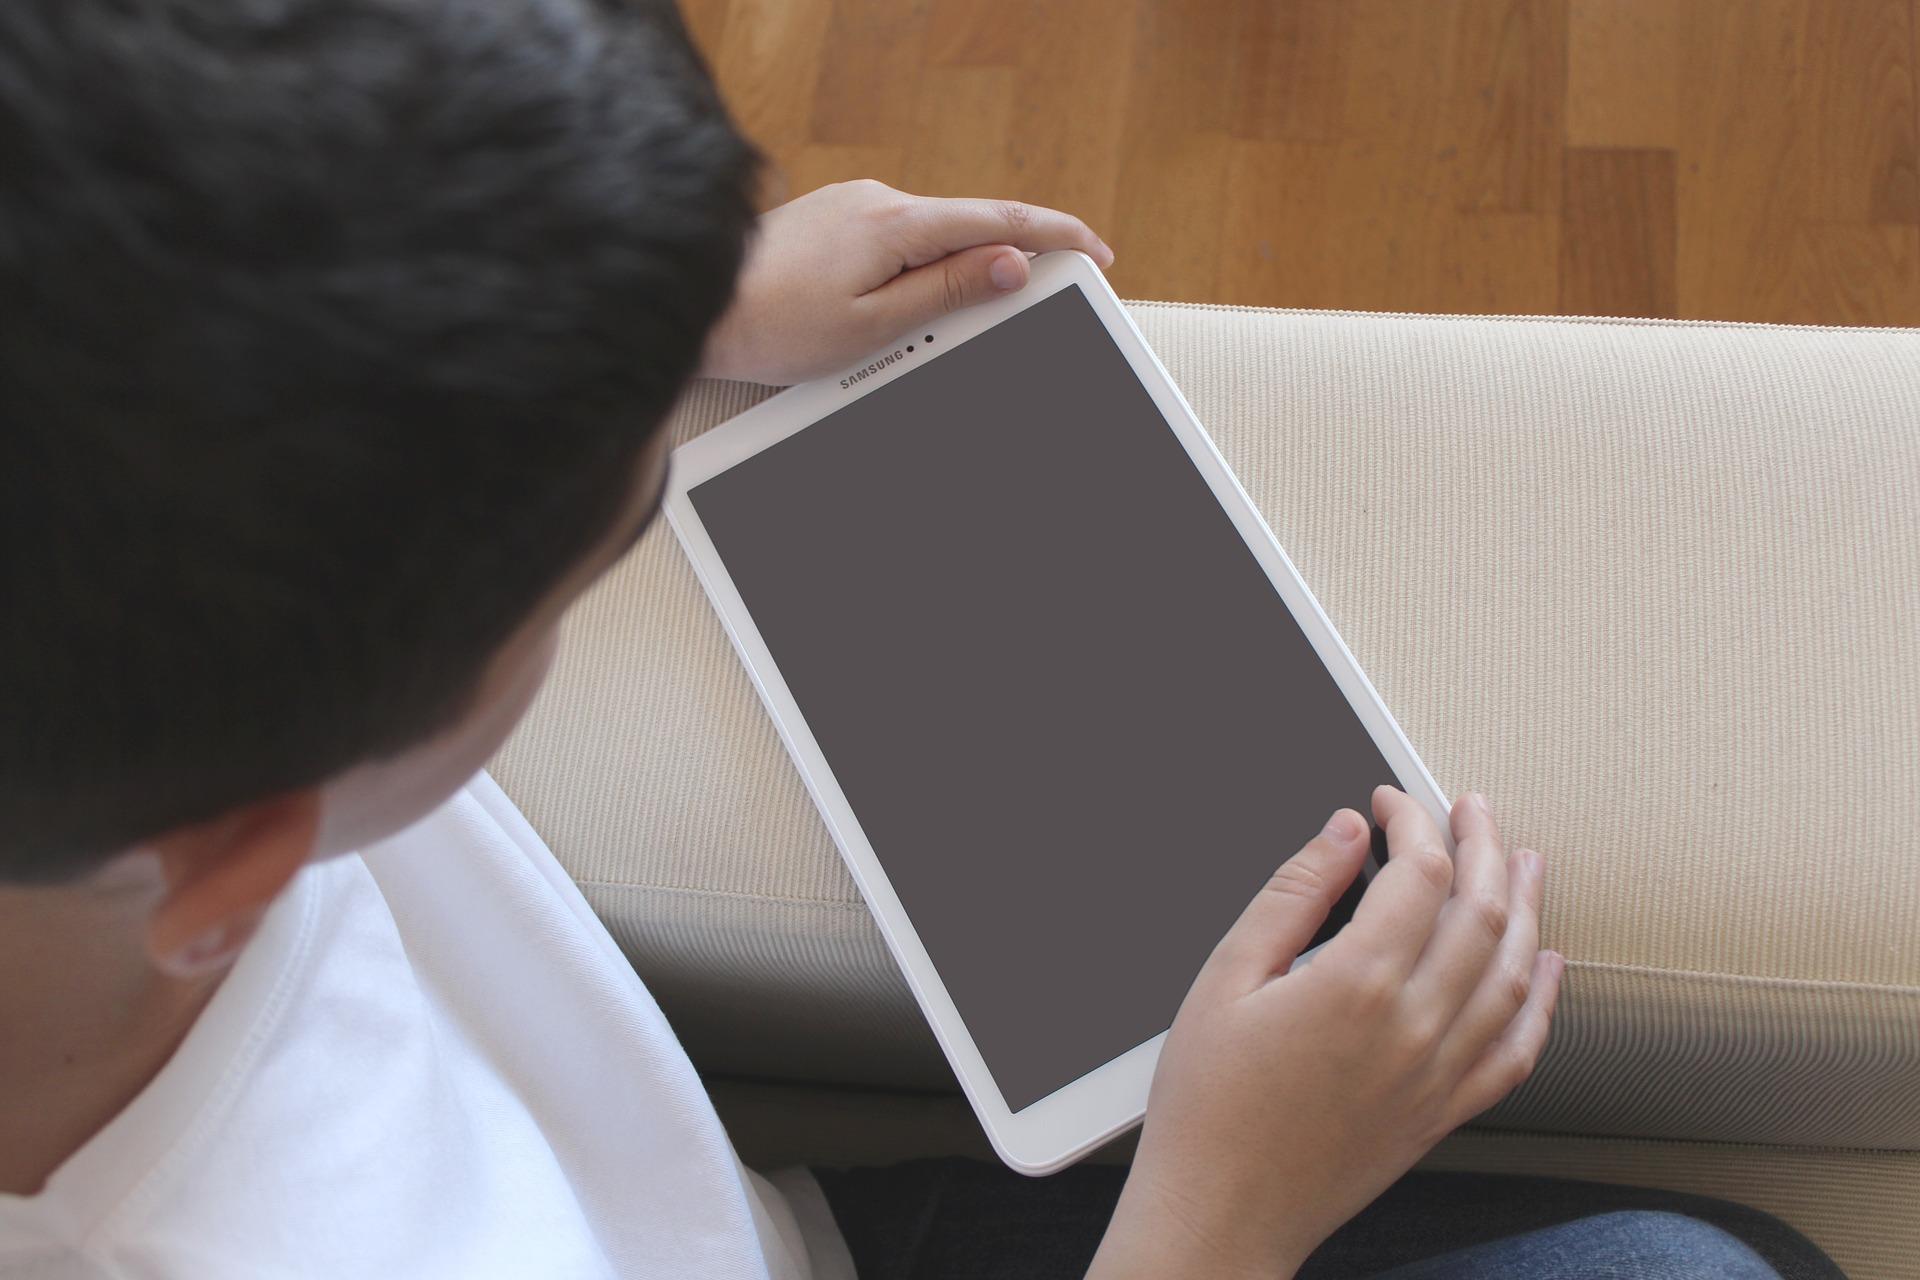 Didattica digitale in Sicilia: siglato l'accordo con Fastweb